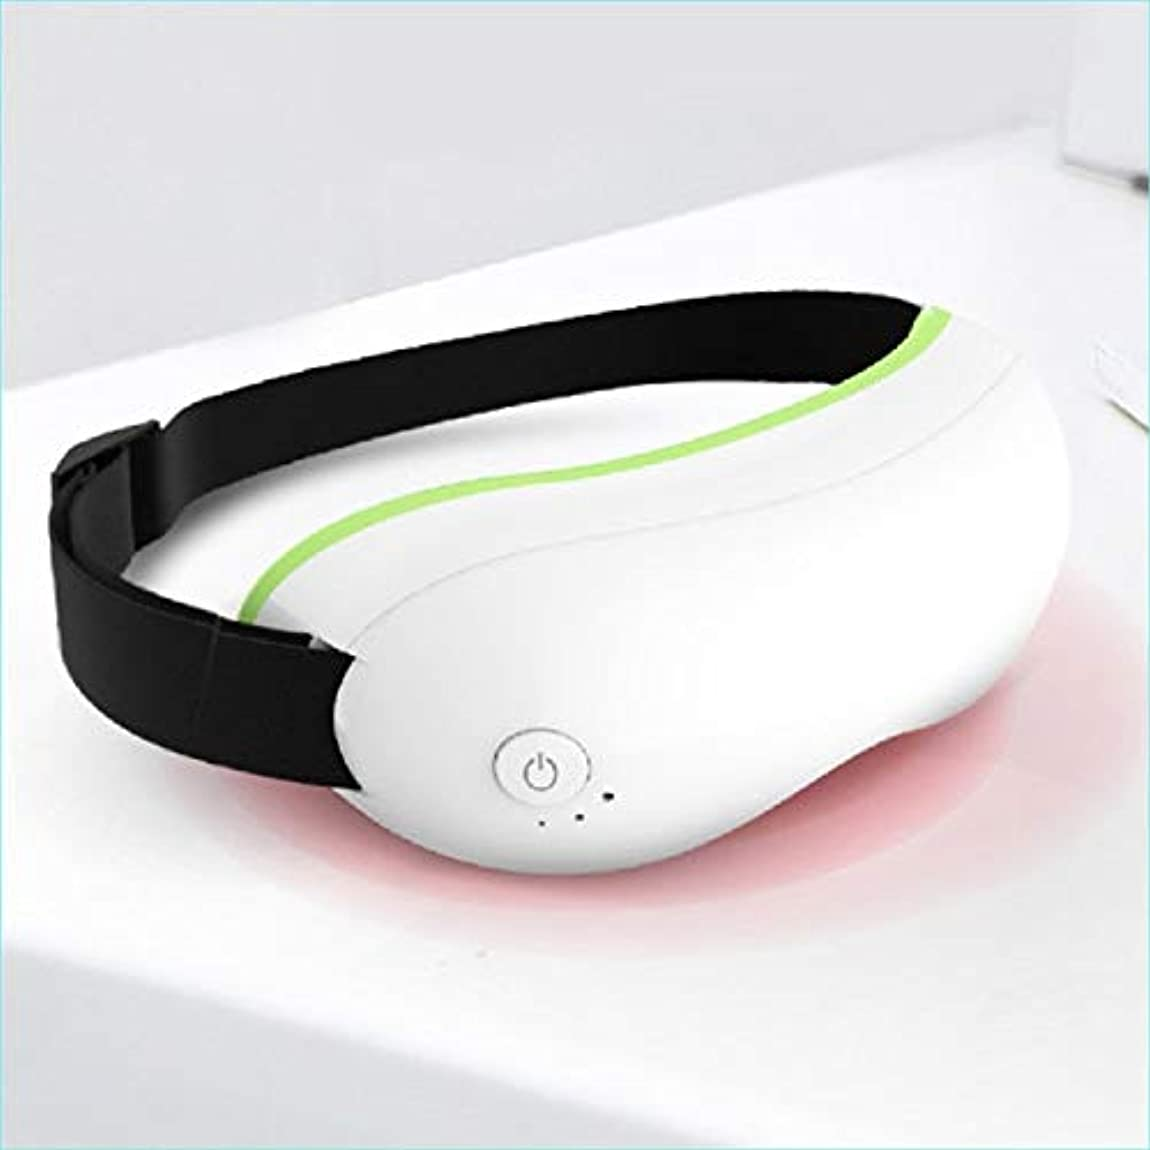 連鎖ええ工夫するRuzzy 暖房付きの高度な充電式ワイヤレスインテリジェント振動アイマッサージ 購入へようこそ (Color : White)